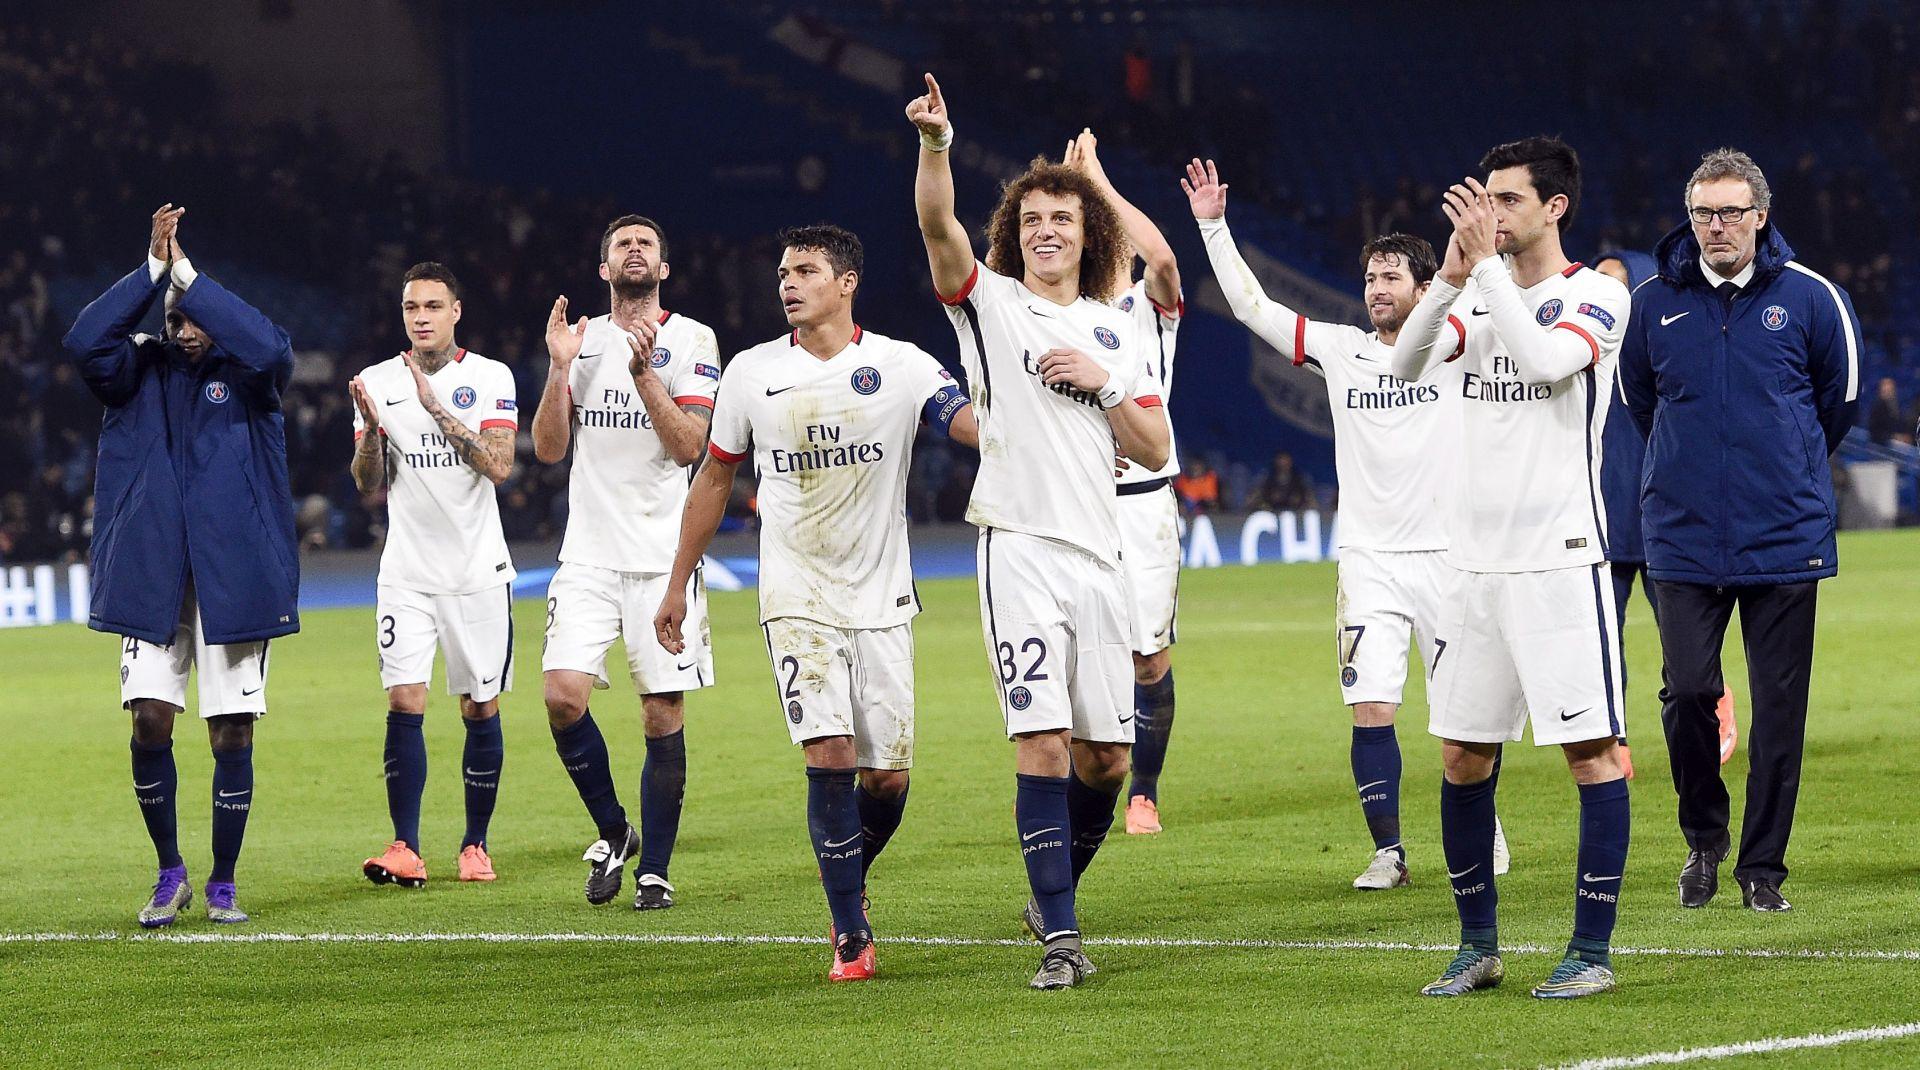 REKORD DRŽI BAYERN: PSG već ovog vikenda može postati prvak Francuske